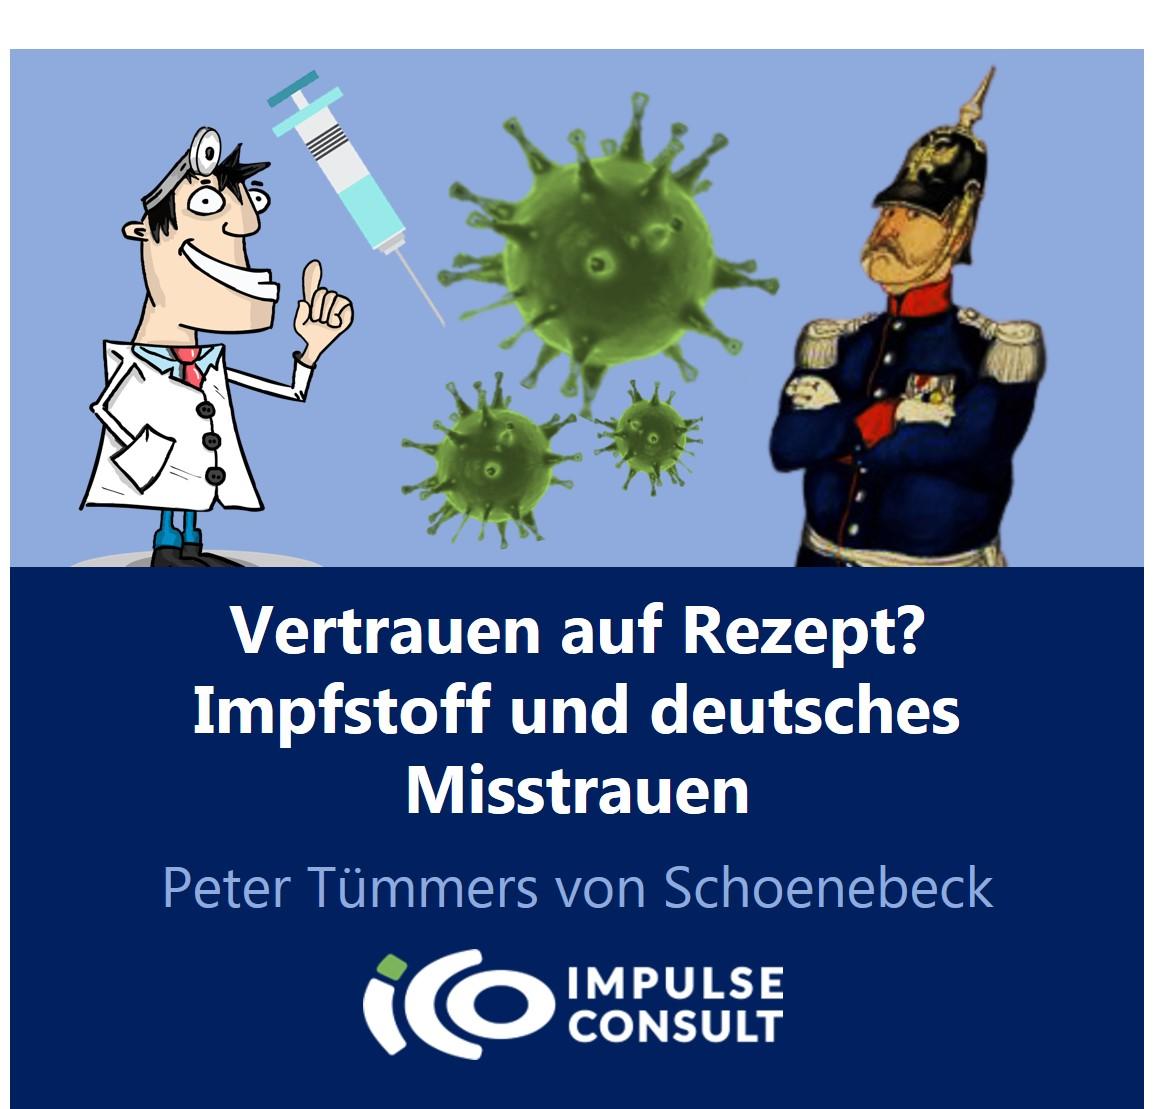 Vertrauen auf Rezept? Impfstoff und deutsches Misstrauen: Hausärzte ausgebootet